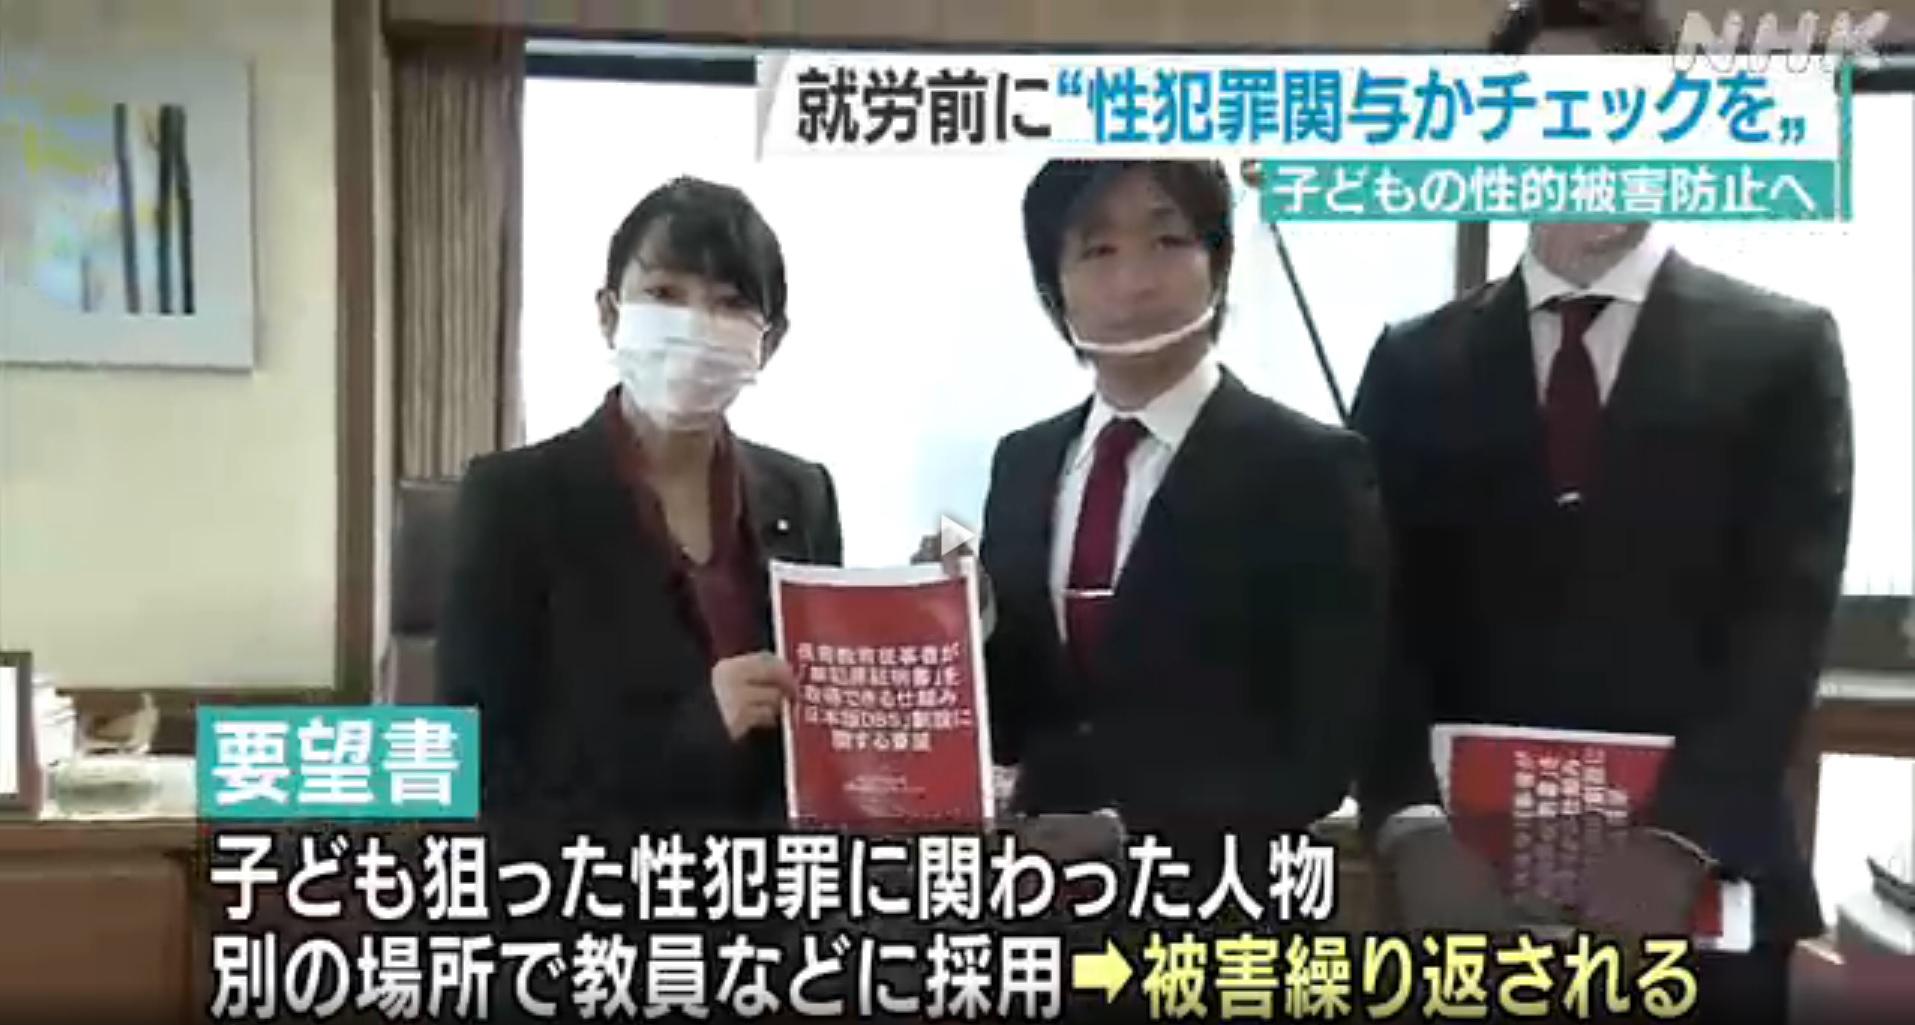 ※2020年7月17日放送 NHK「首都圏ニュース845」より